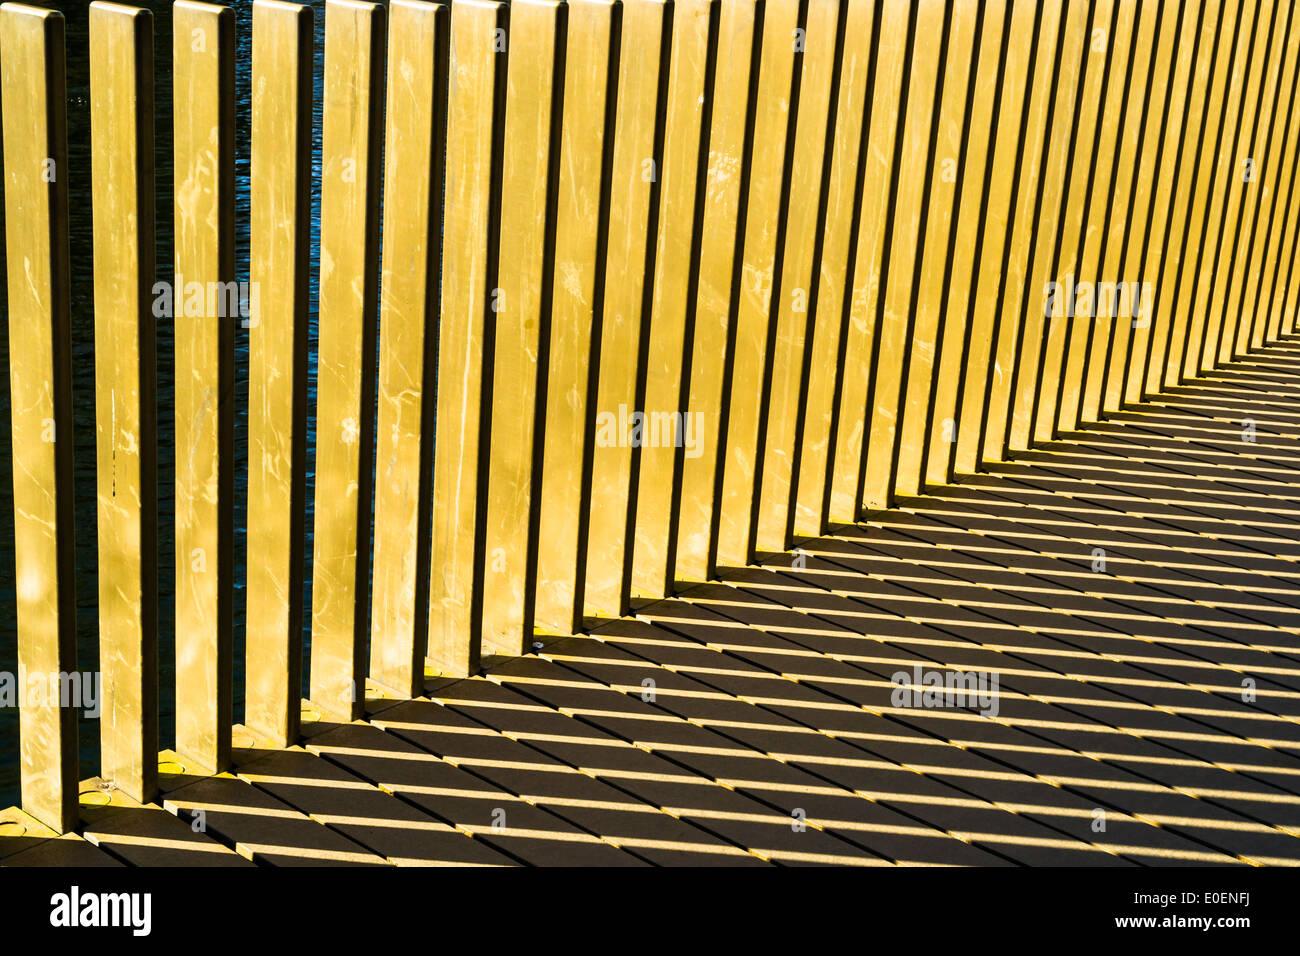 Streifen gebildet durch Sonnenlicht durch Geländer auf einer Brücke - Hintergrund Stockbild